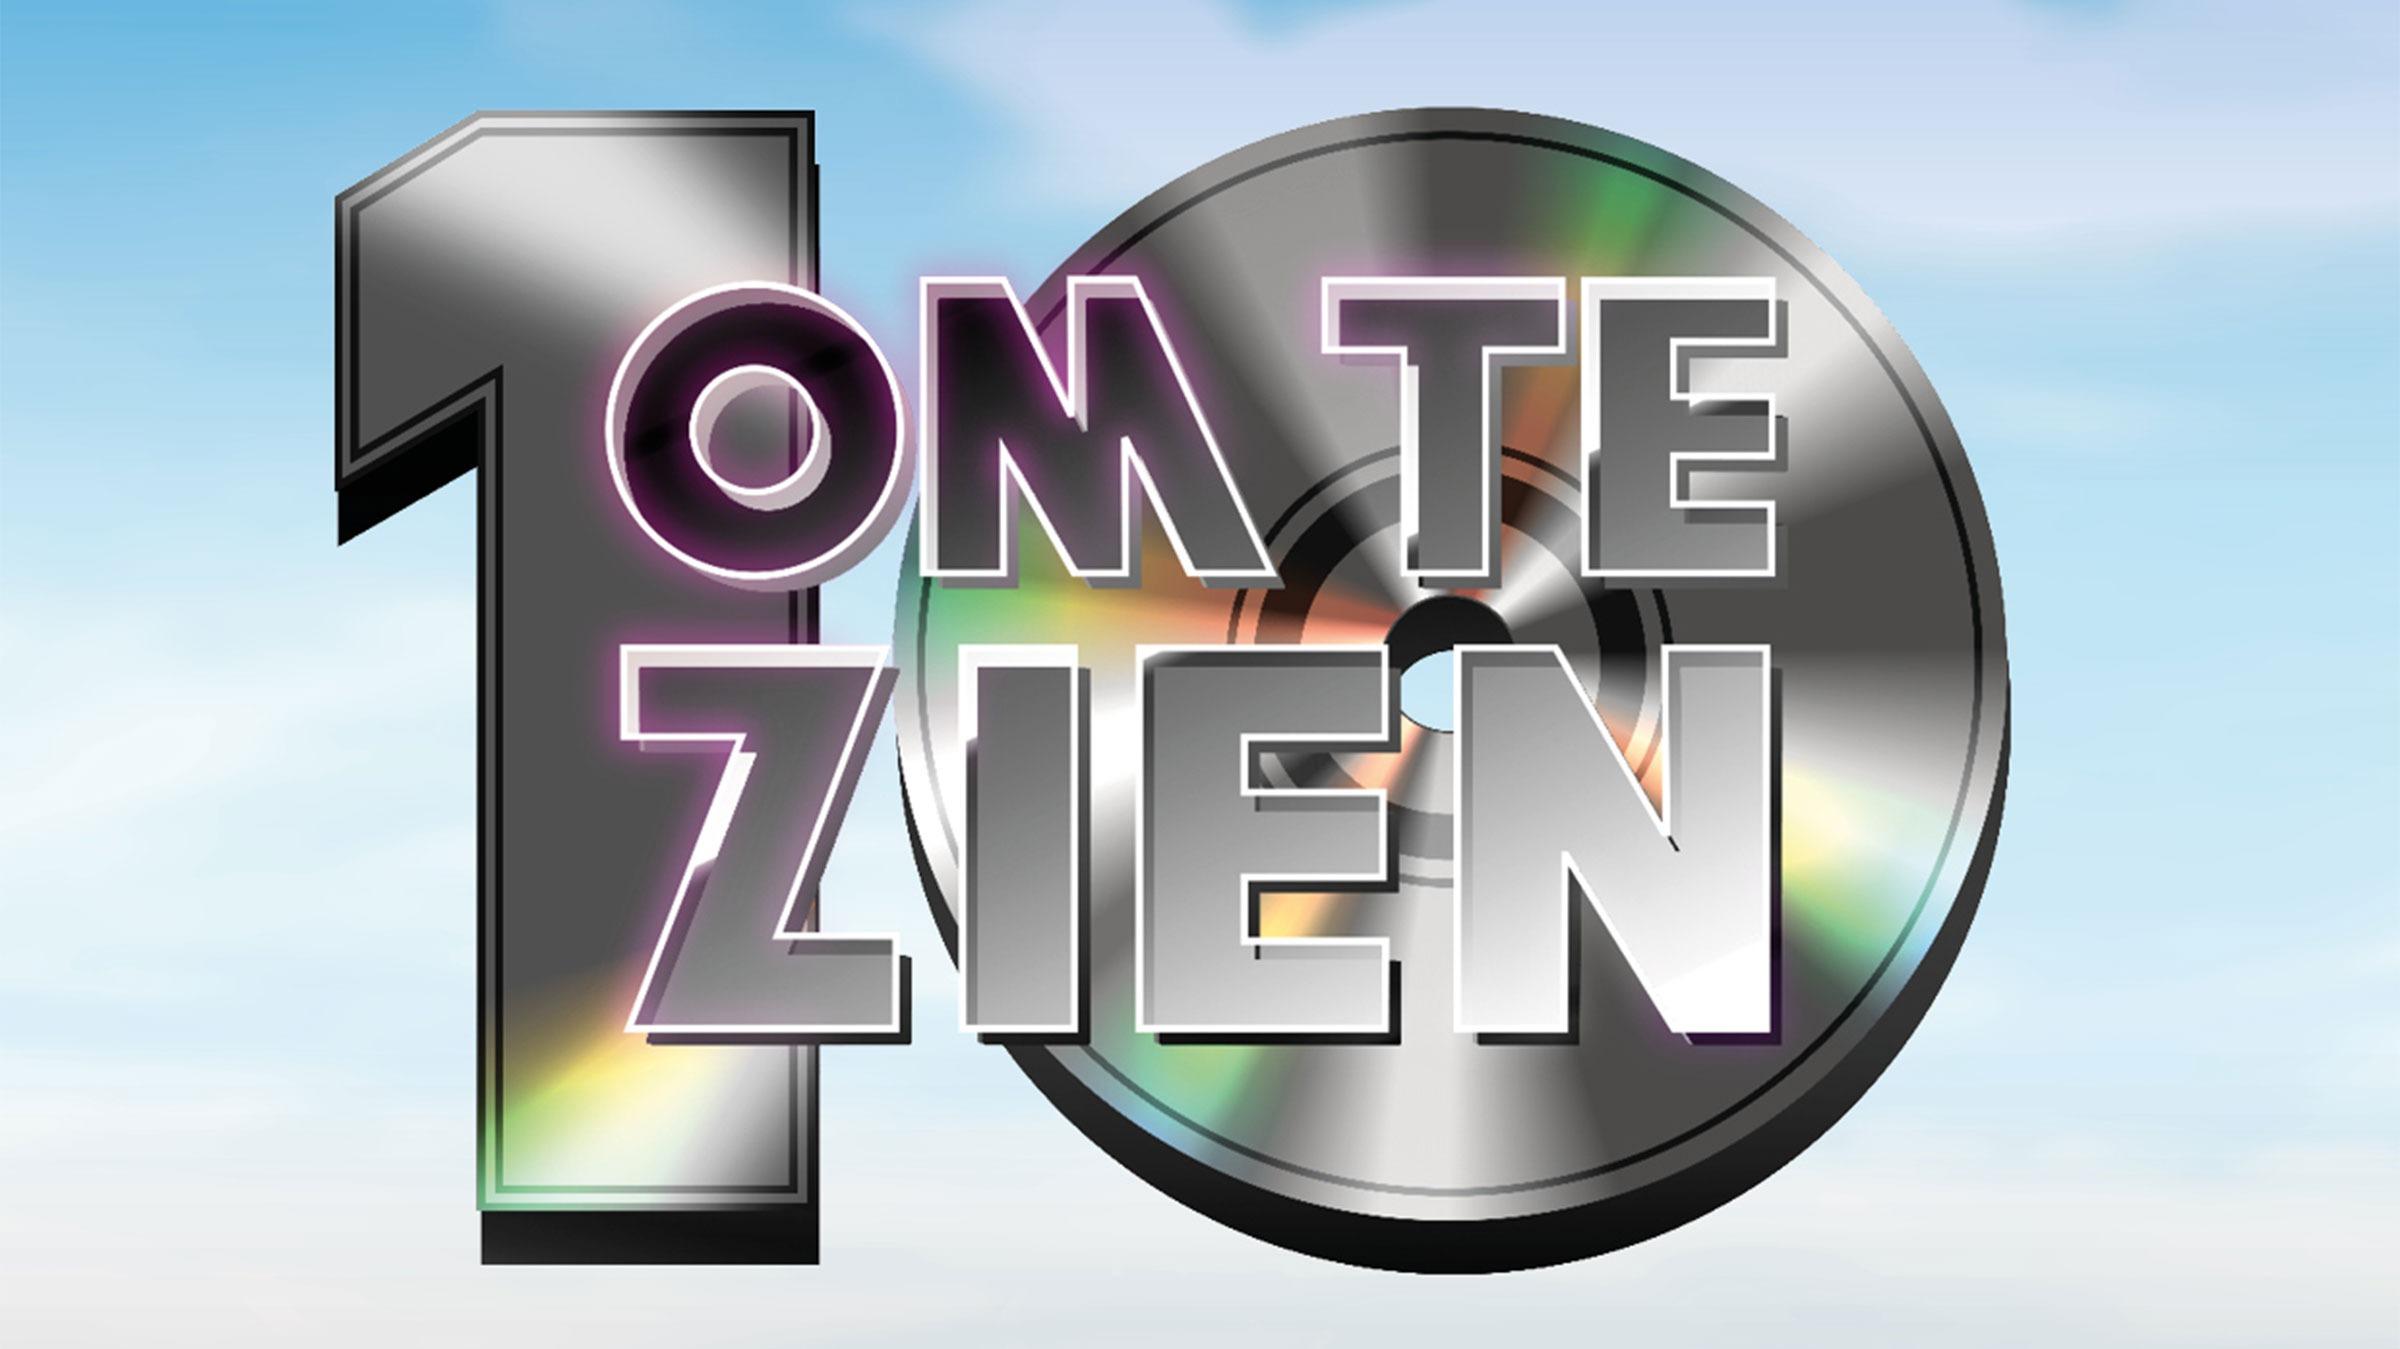 Joe totz logo